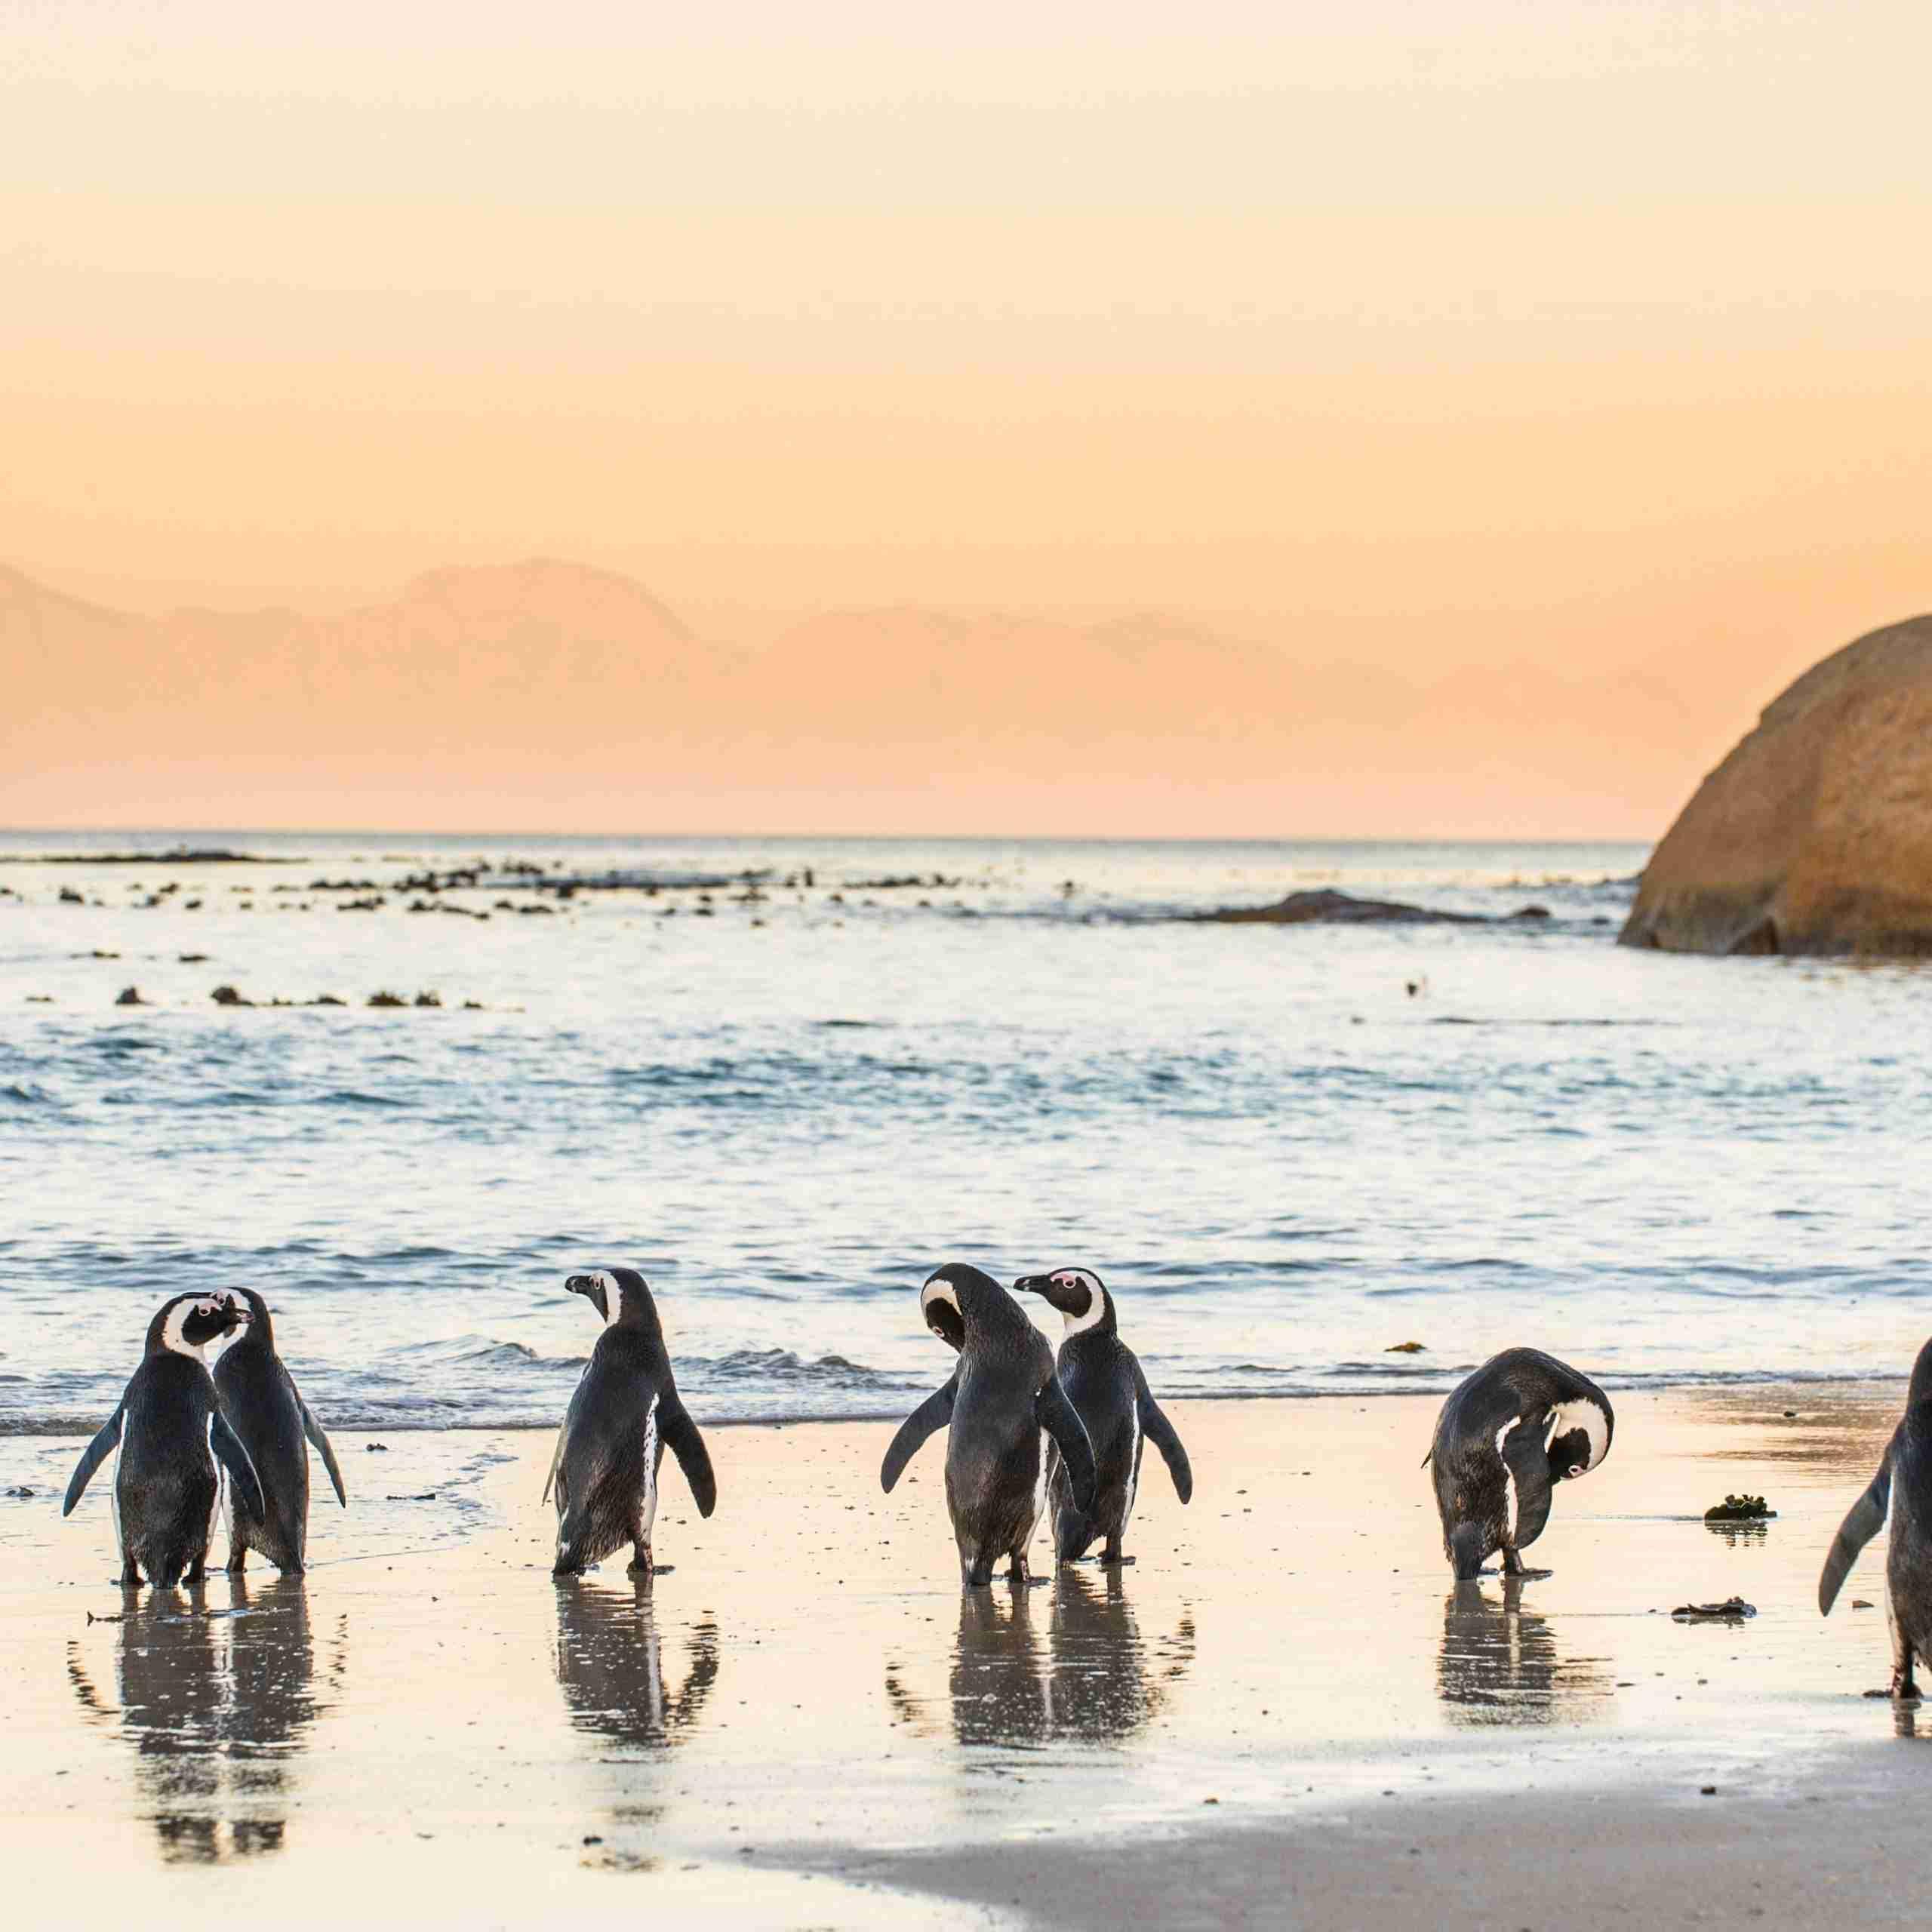 SA birdwatching evid